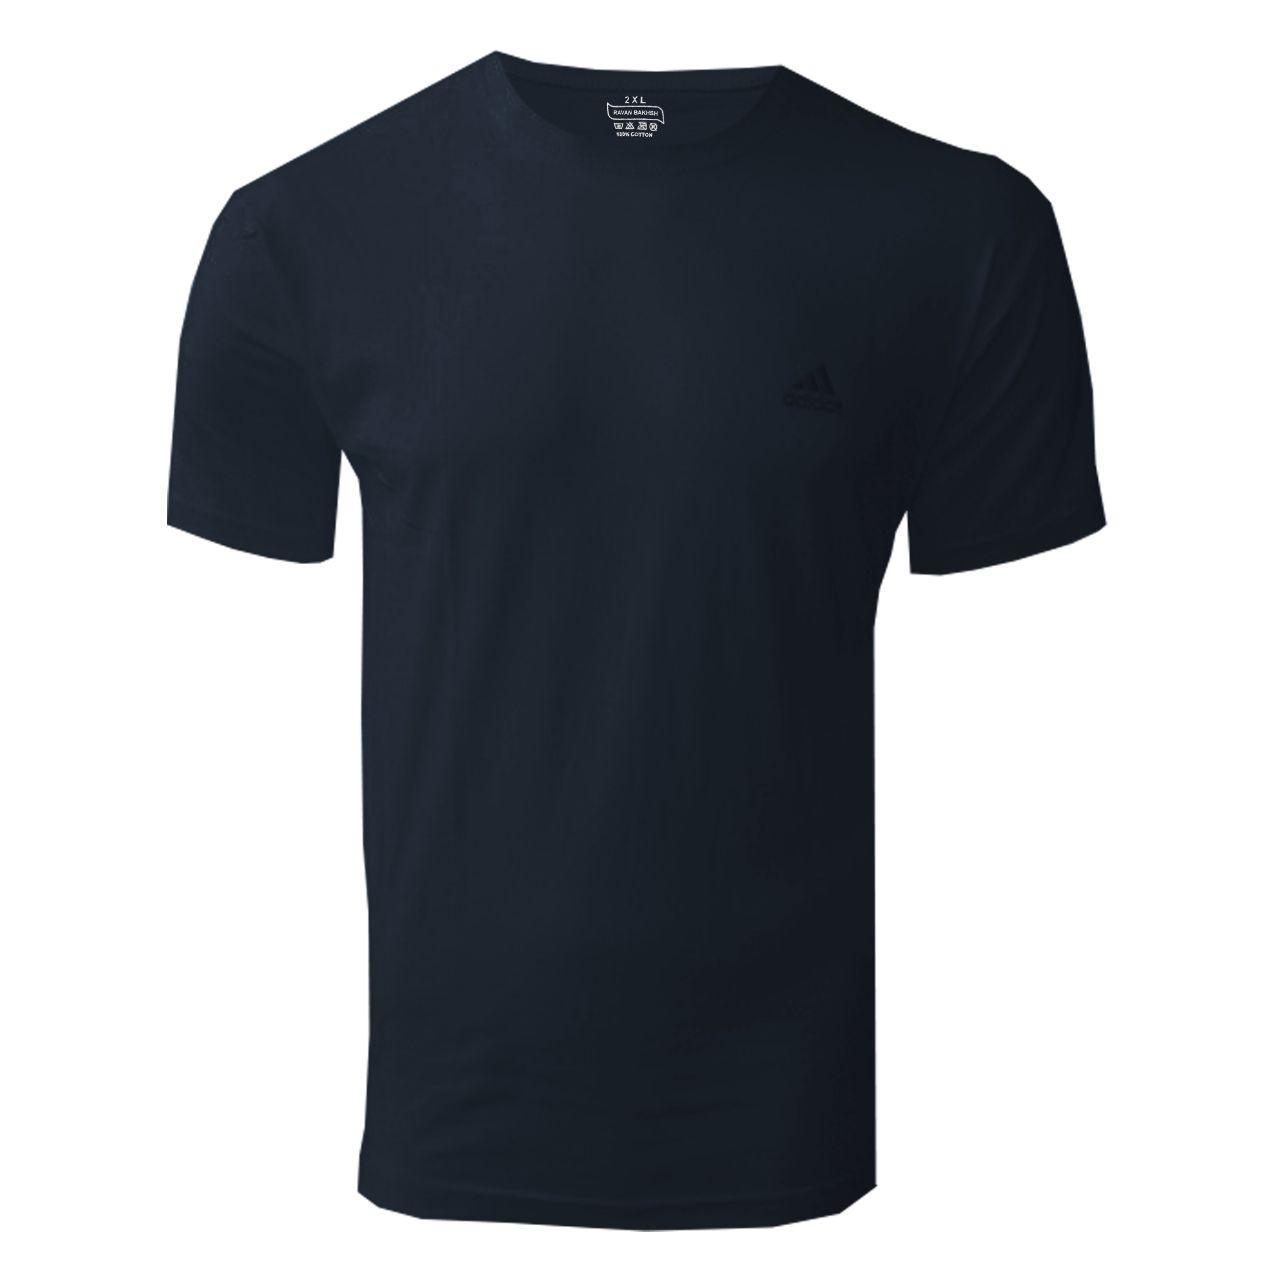 تیشرت آستین کوتاه مردانه روانبخش مدل D2M کد 20466 رنگ سرمه ای